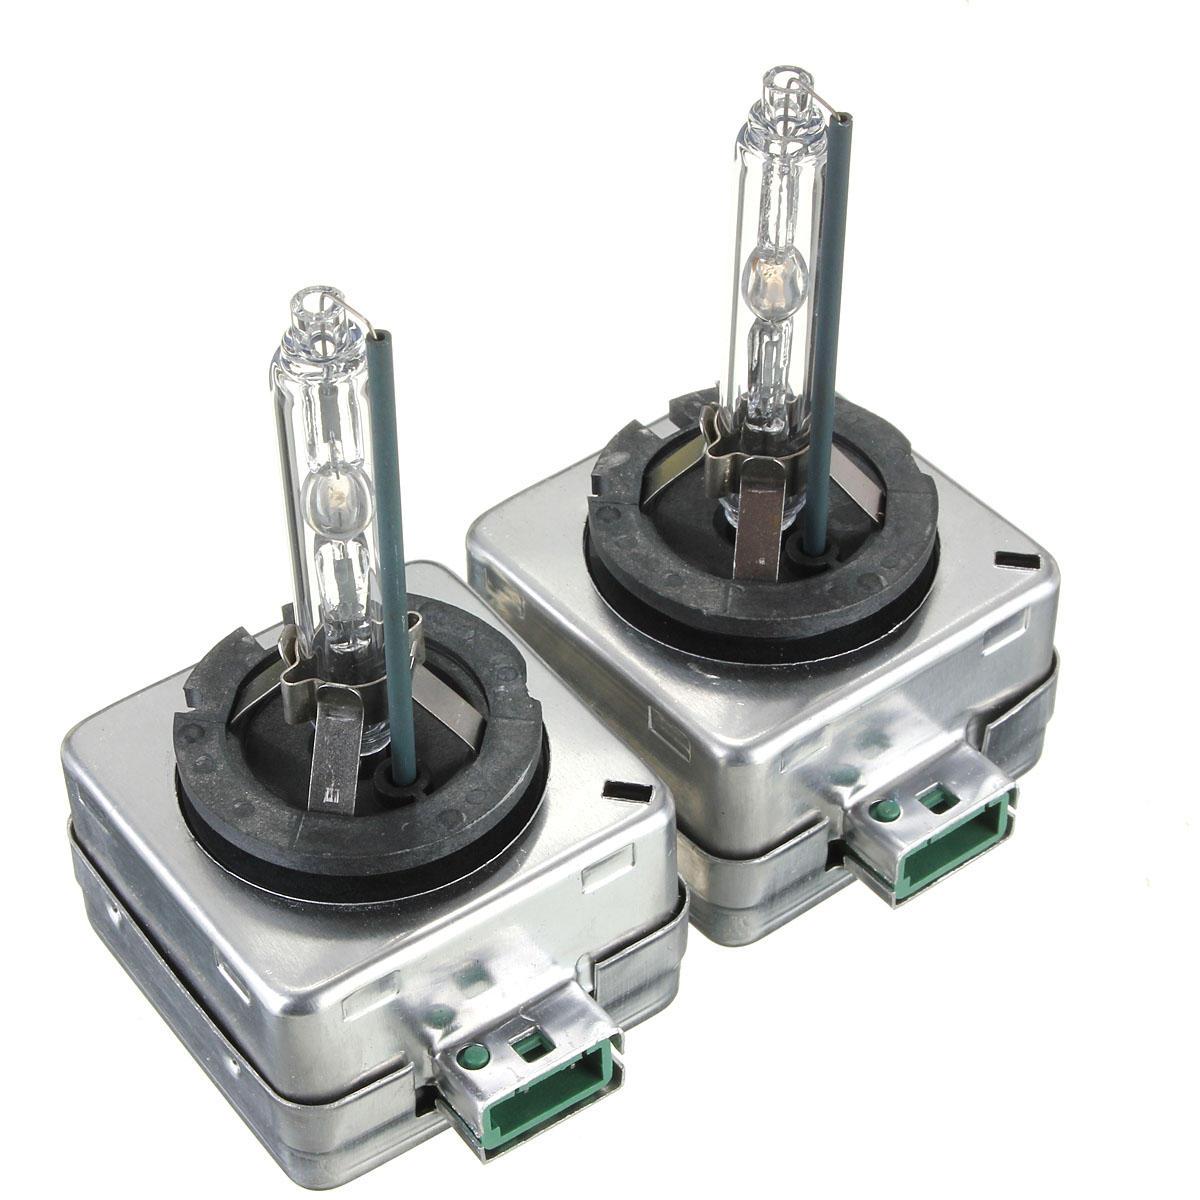 2Pcs 35W D3S D3 HID Xenon Car Headlights Bulbs 4300K 5000K 6000K 8000K 10000K 12000K